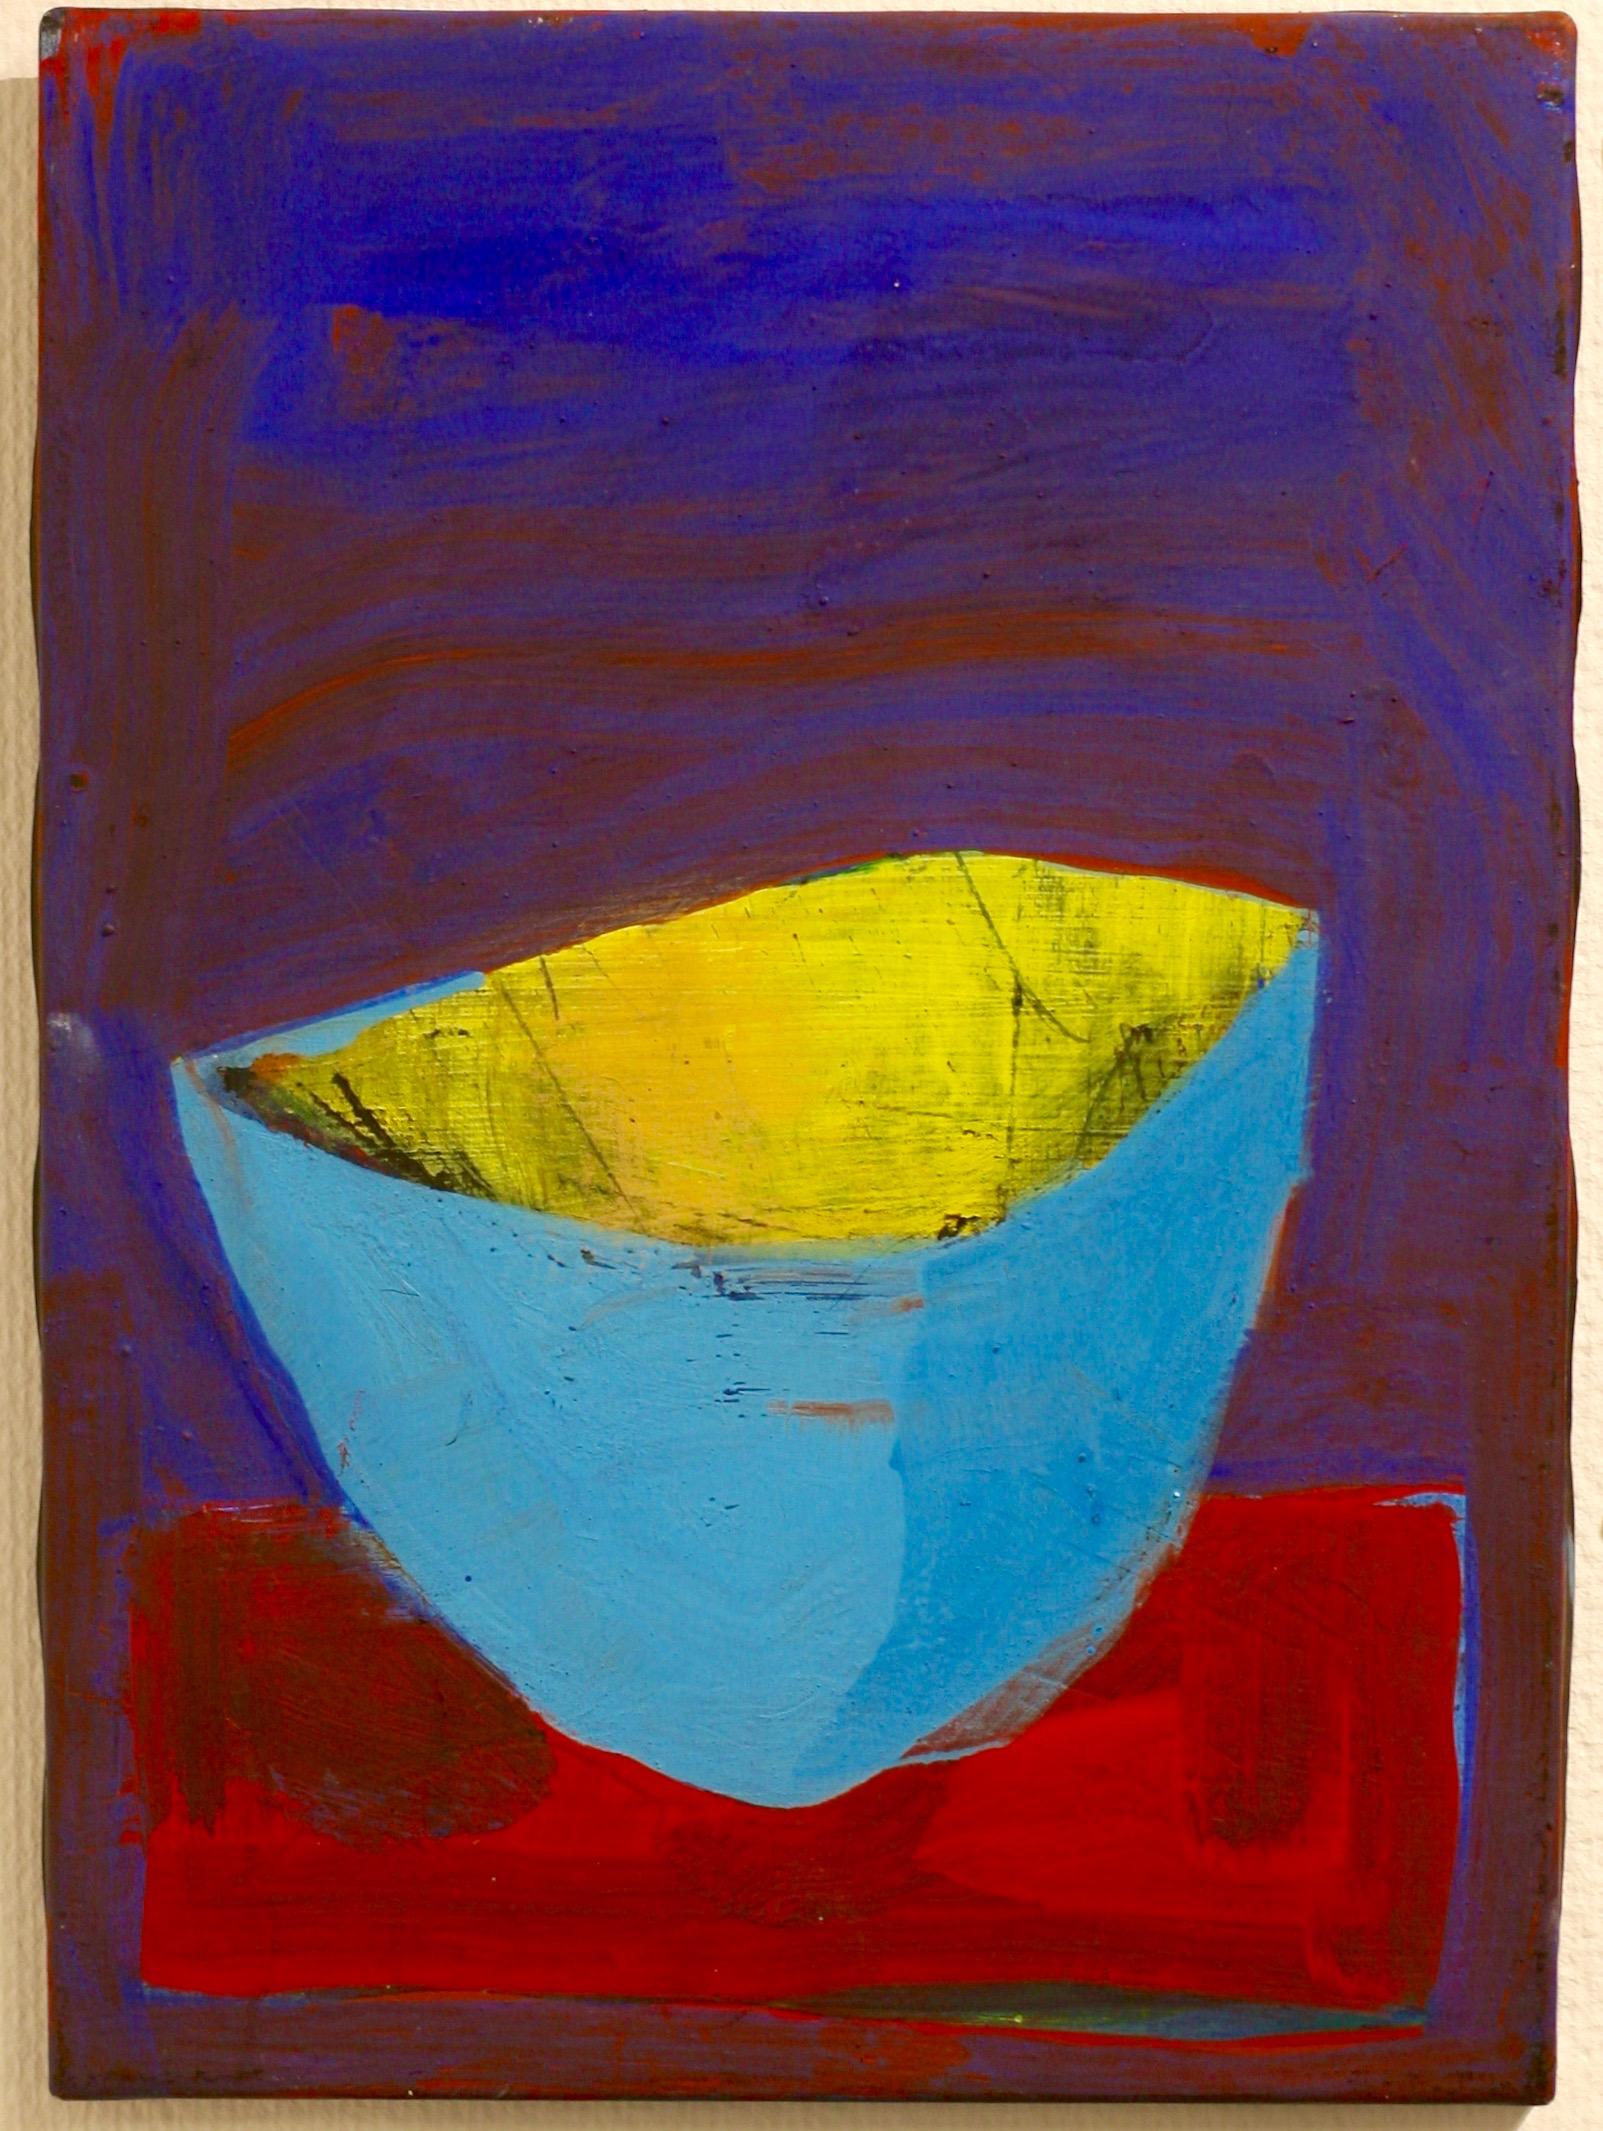 Inga Björstedt - Against the blue  (Mot det blå), oil tempera painting